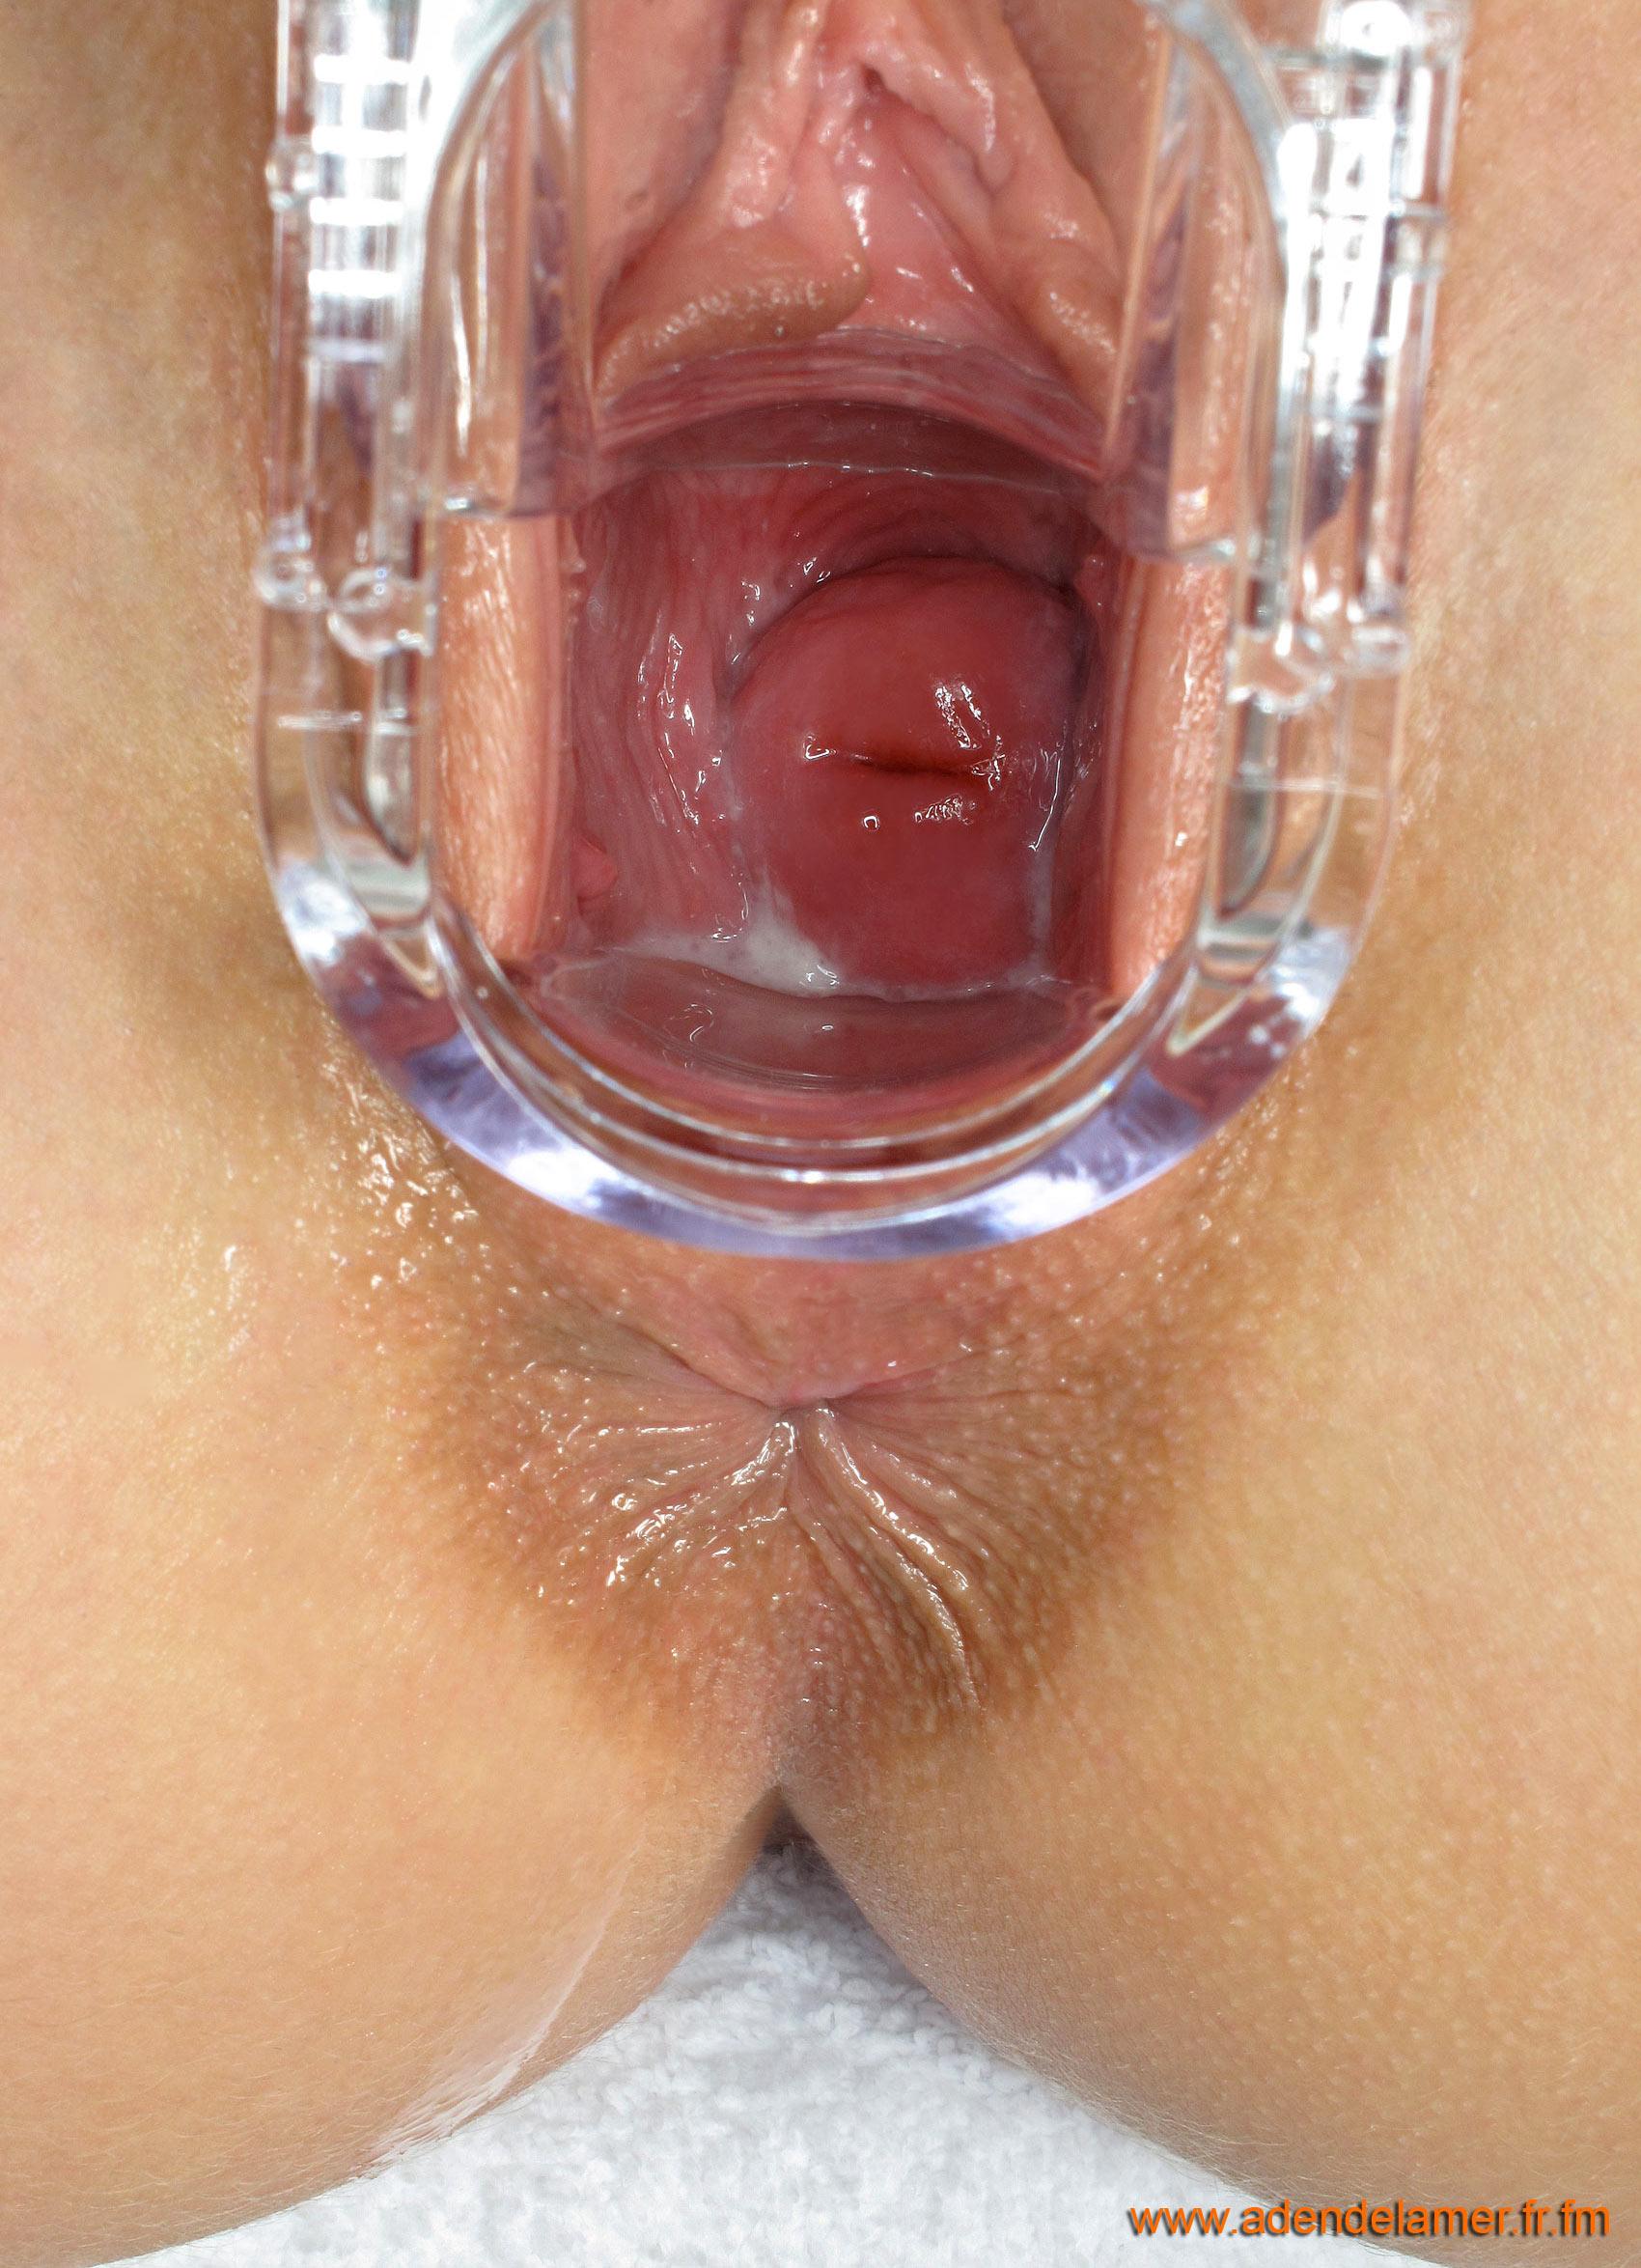 Как устроено женское влагалище изнутри